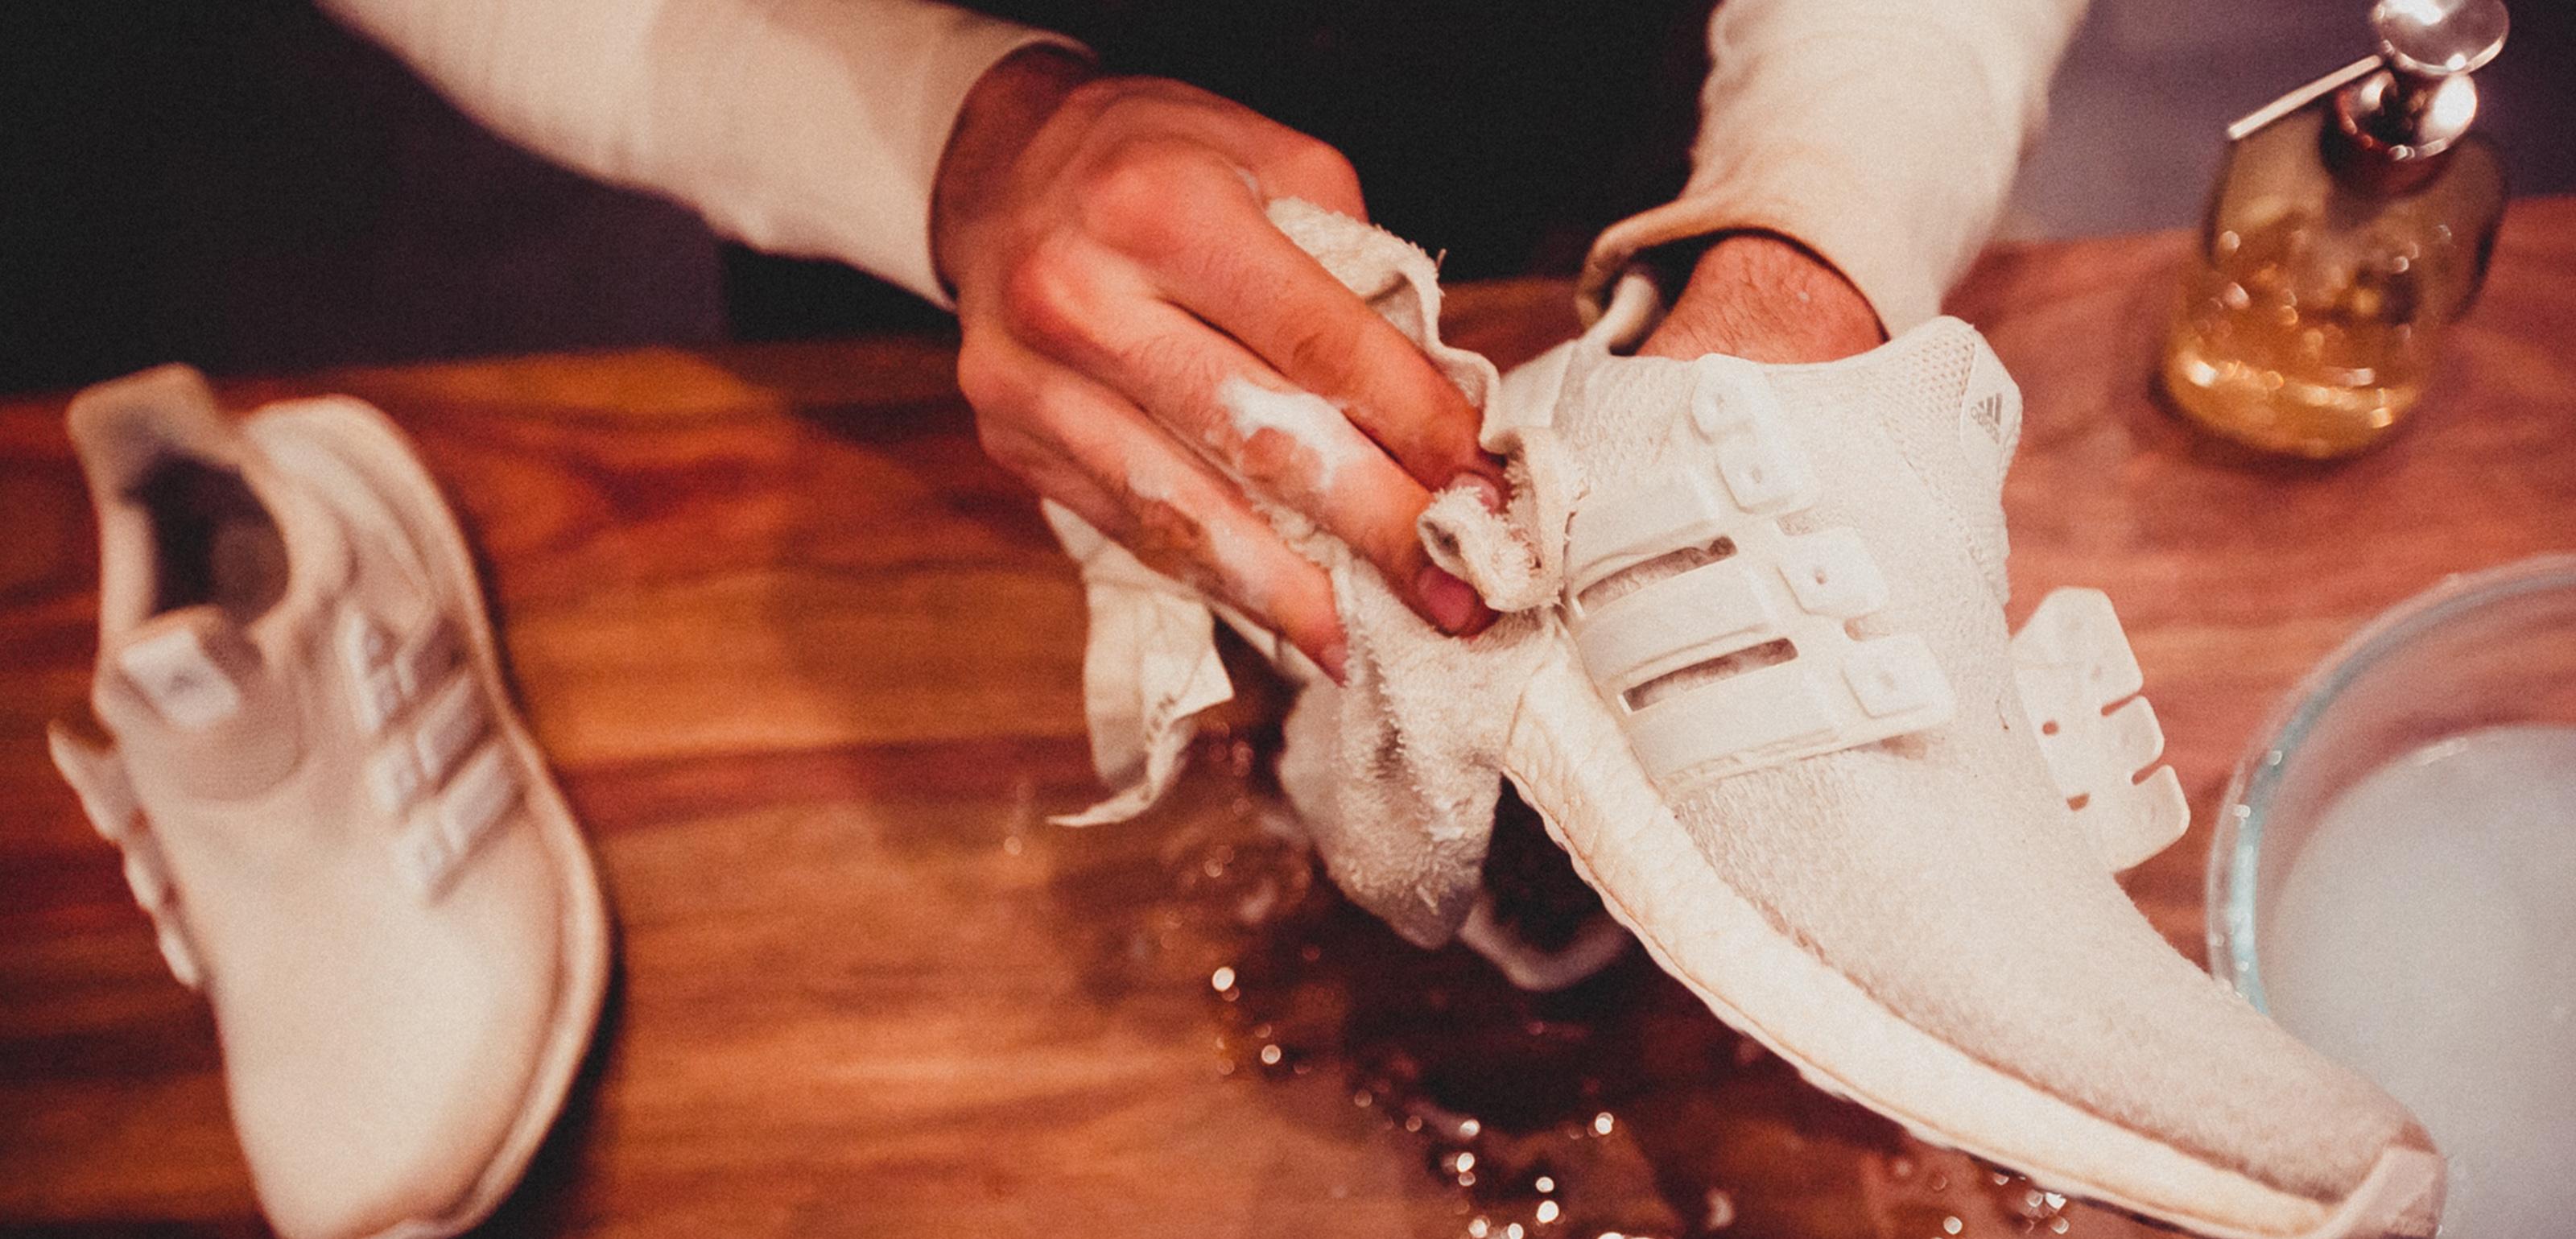 SneakersChil_slide1